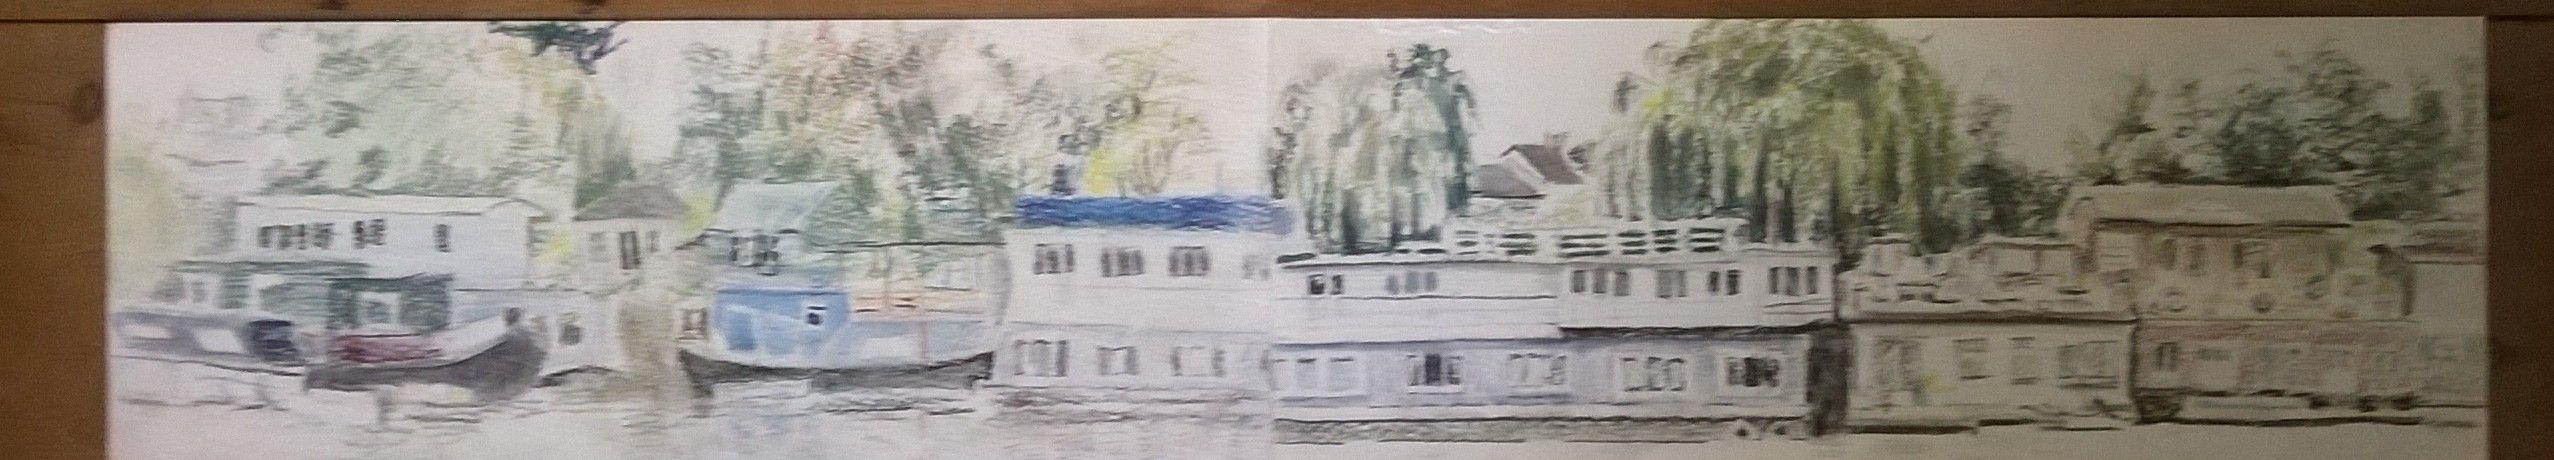 Houseboats - Richmond - JR16 - pastels